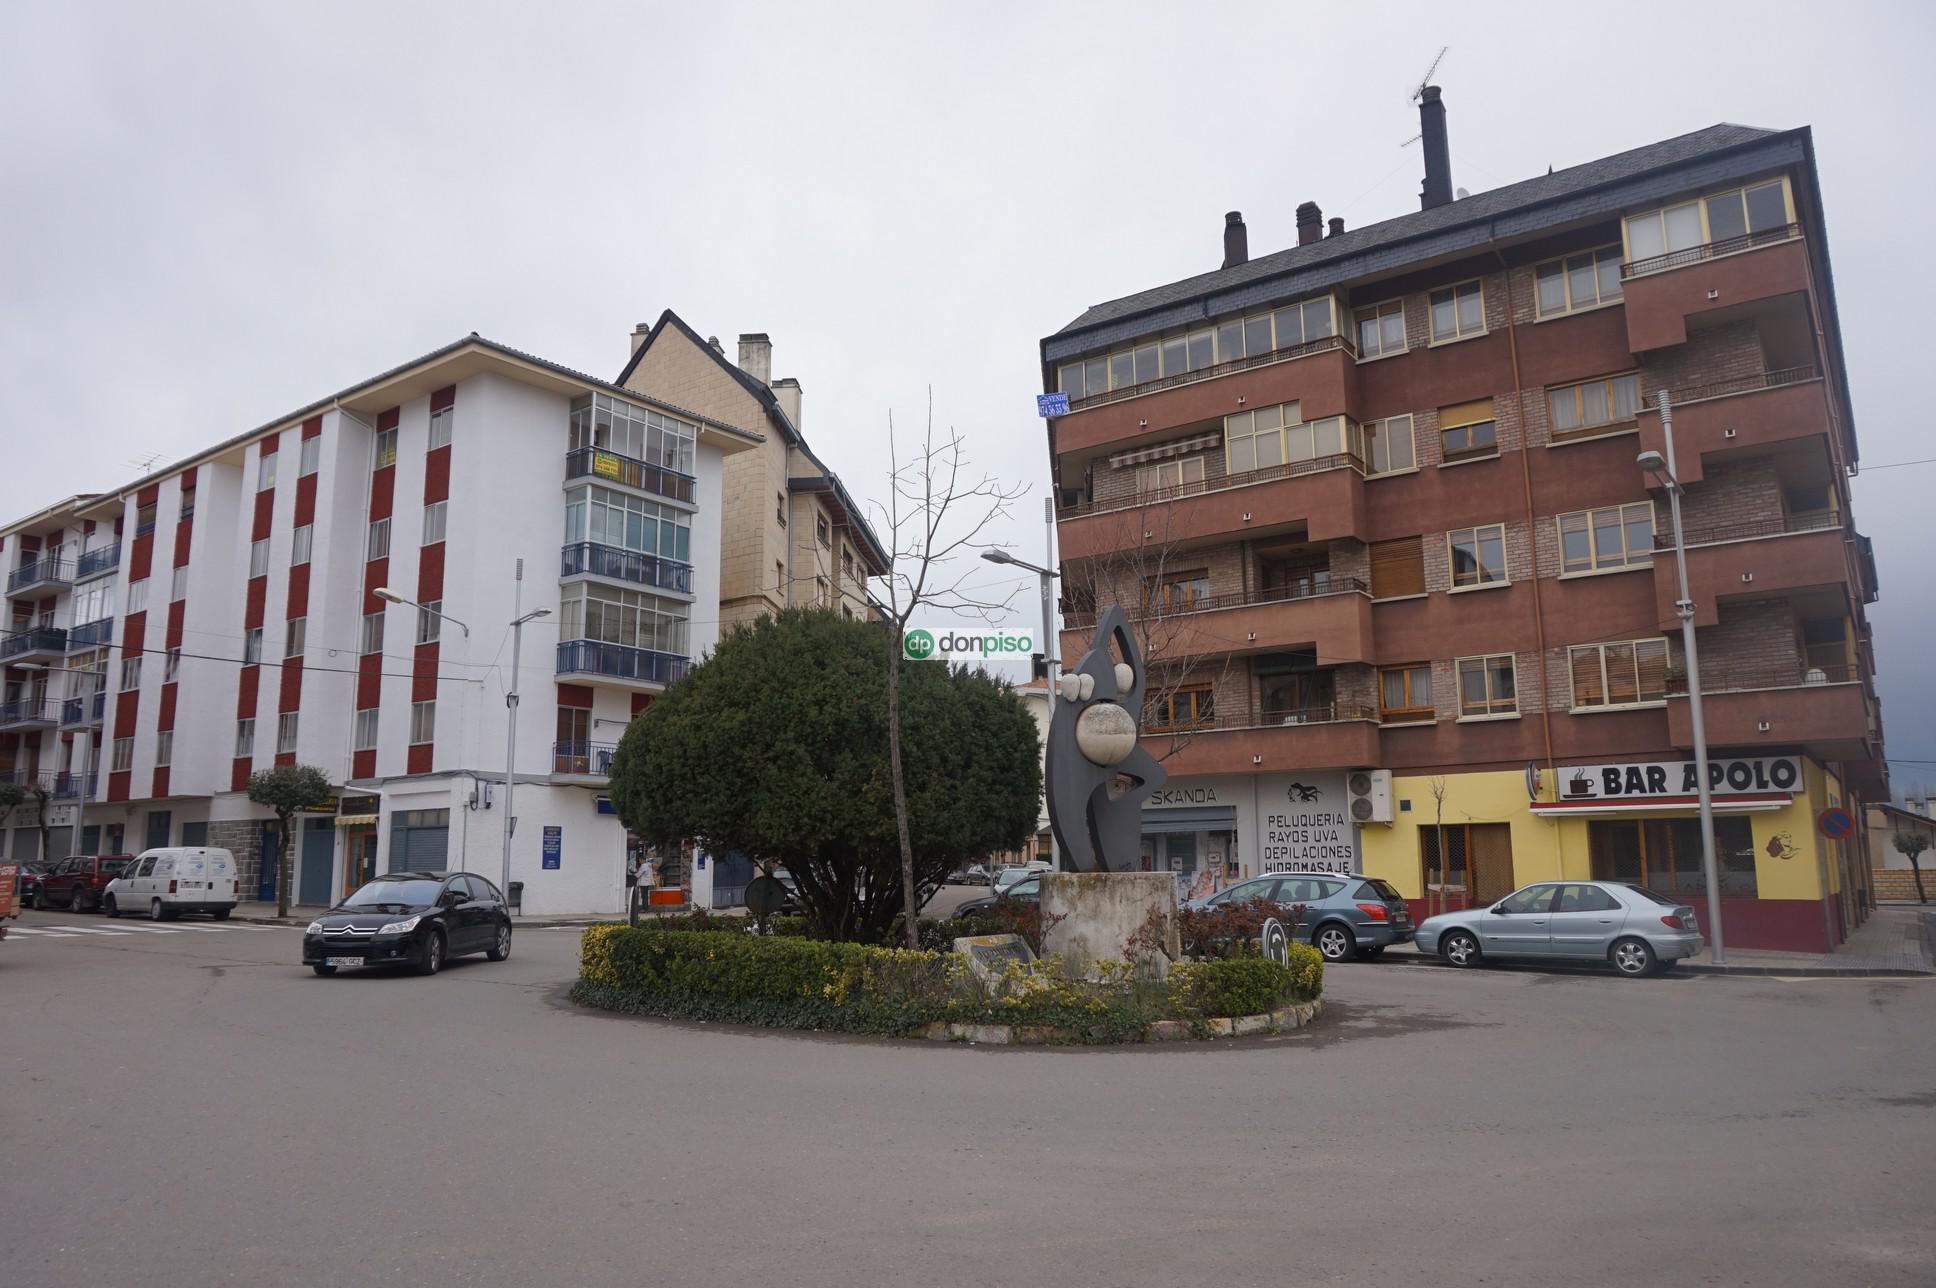 153335 - Junto a la plaza Biscós